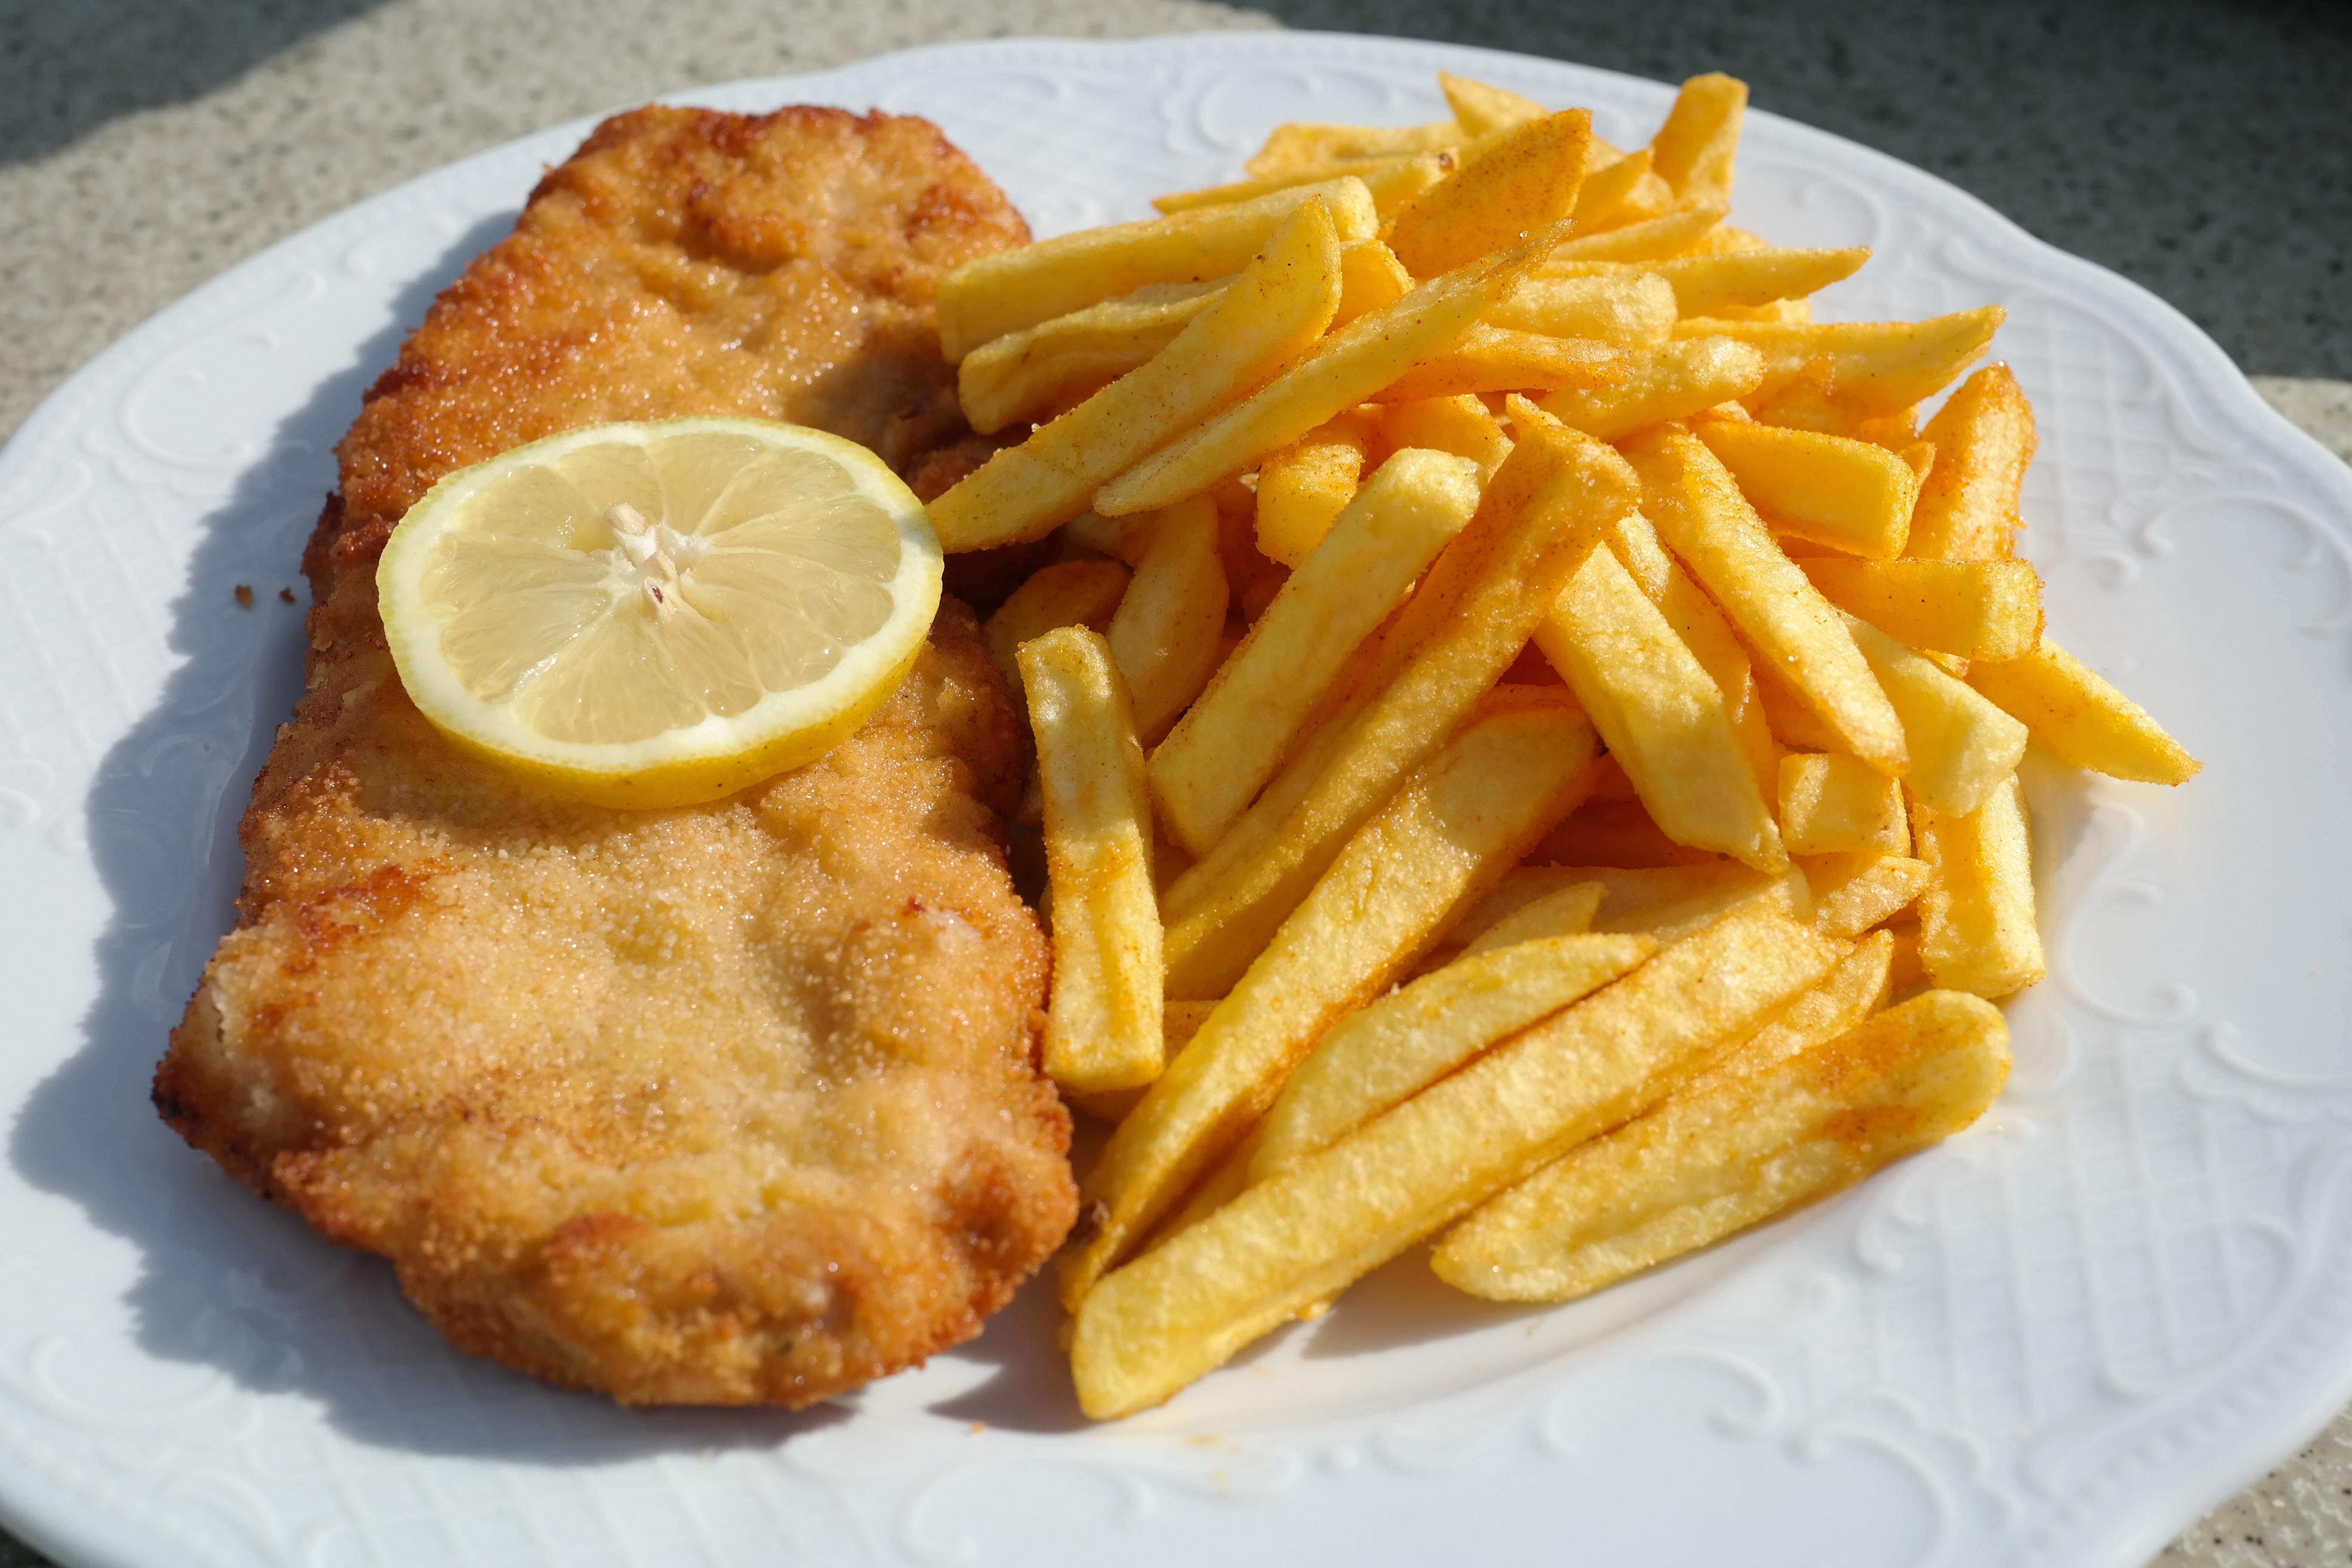 Gambar Hidangan Menghasilkan Piring Makanan Laut Sarapan